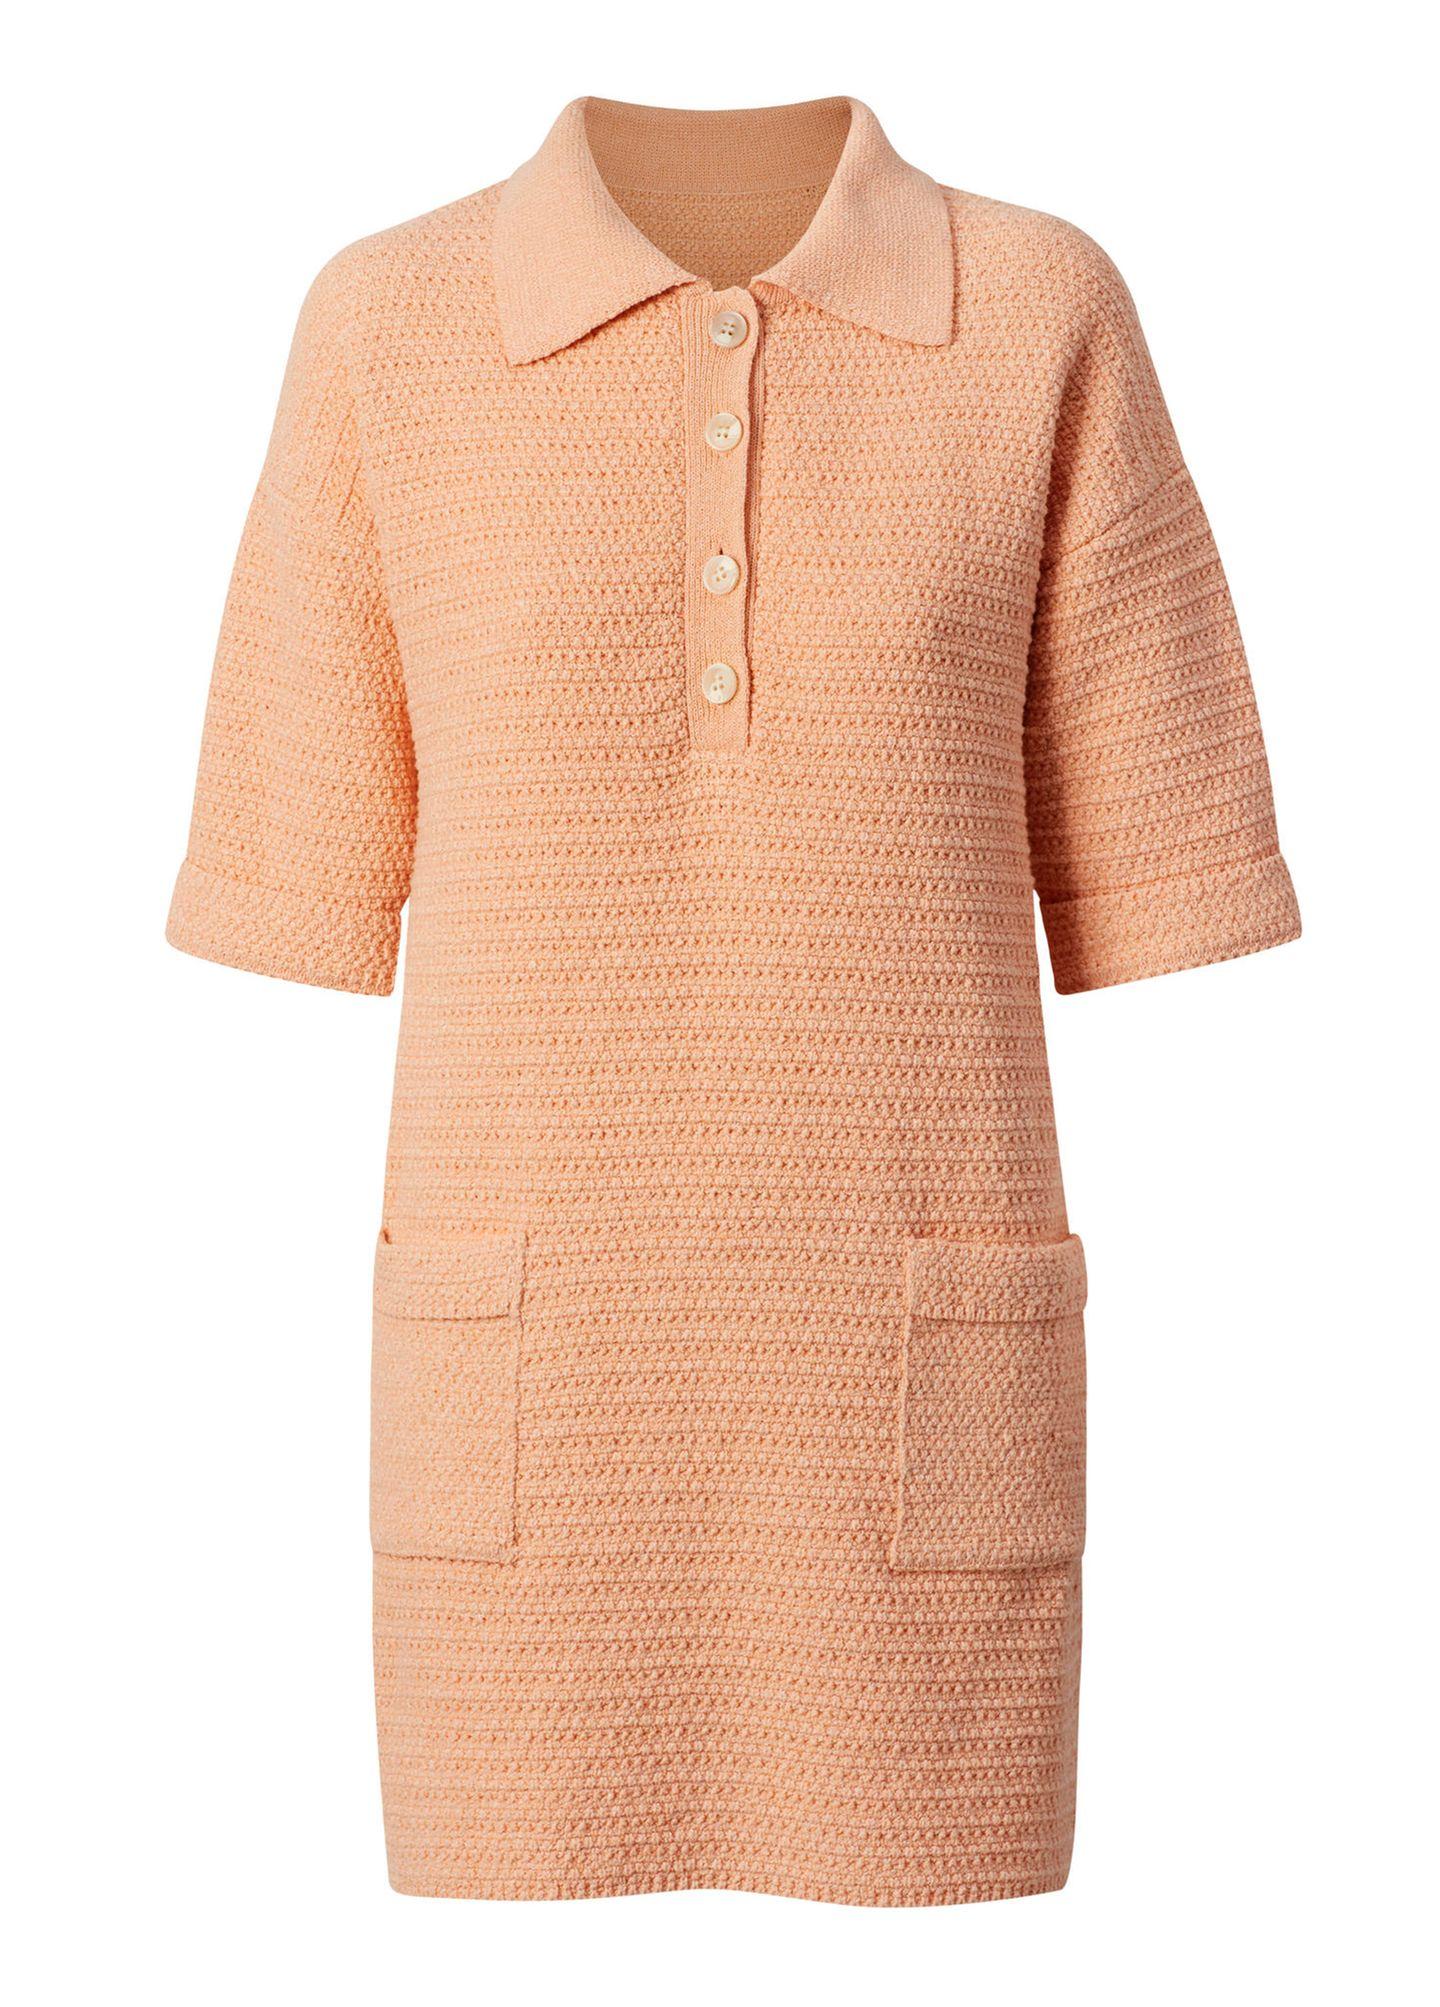 Dürfen wir vorstellen? Das perfekte Frühlingskleid. Nicht nur die stylishe Farbe, sondern auch der angesagte Polo-Kragen macht das Kleid zum absoluten Hingucker. Von Mango, um die 60 Euro.